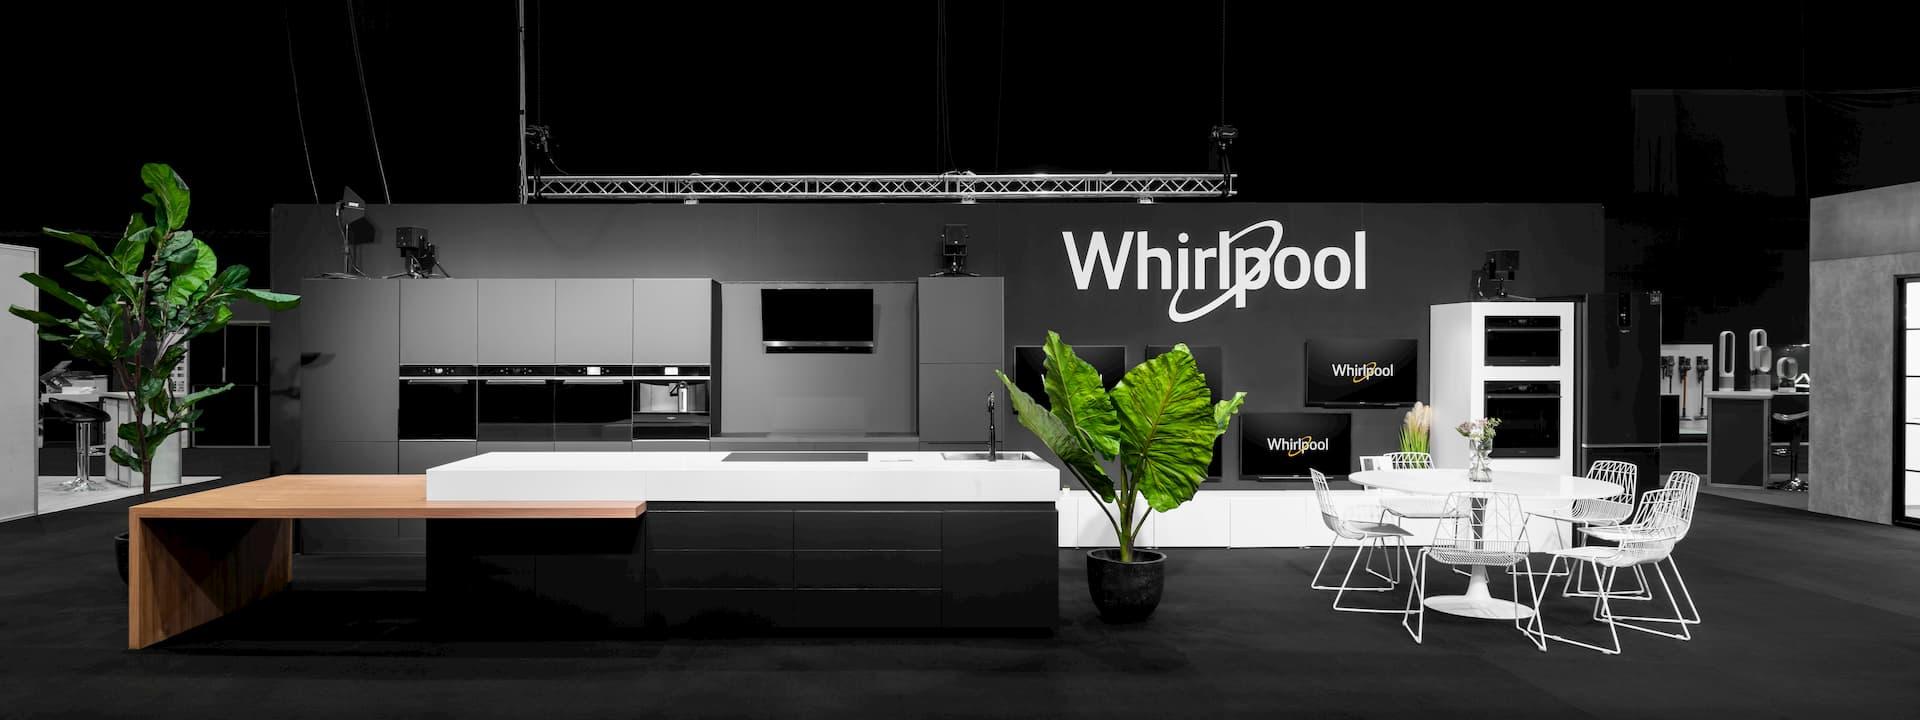 Whirpool konyhakiállítás bútorok